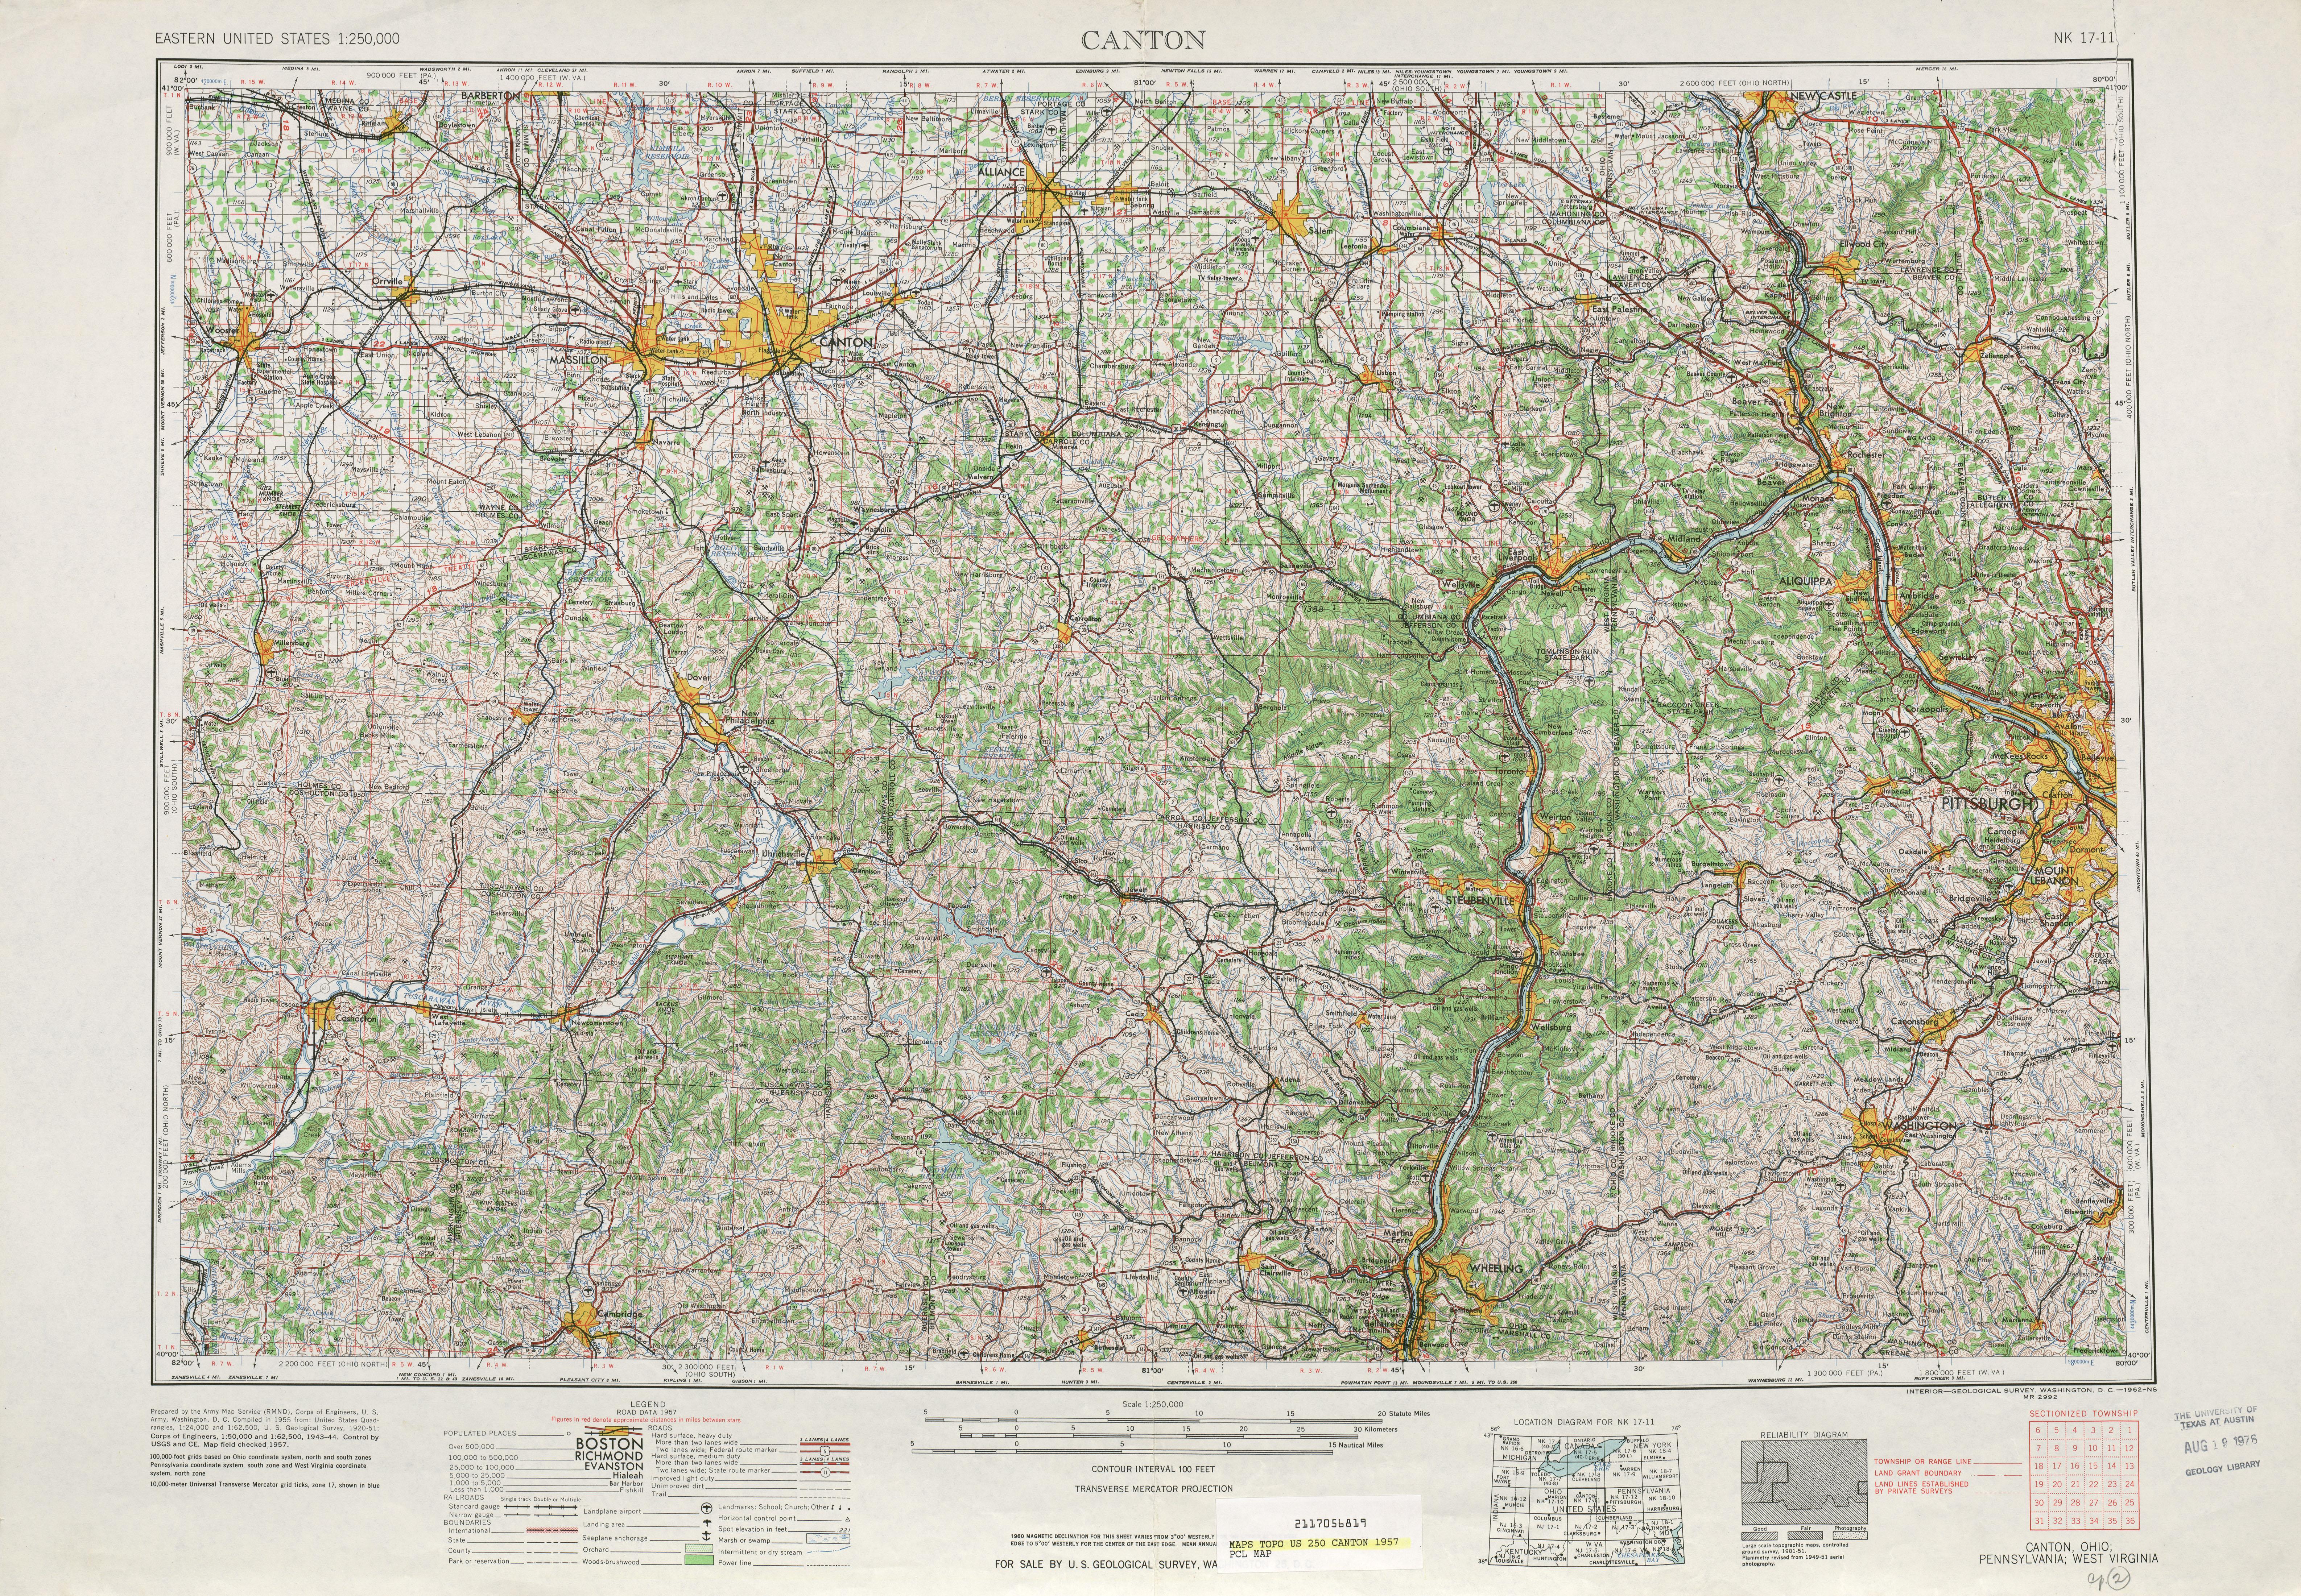 Hoja Cantón del Mapa Topográfico de los Estados Unidos 1957